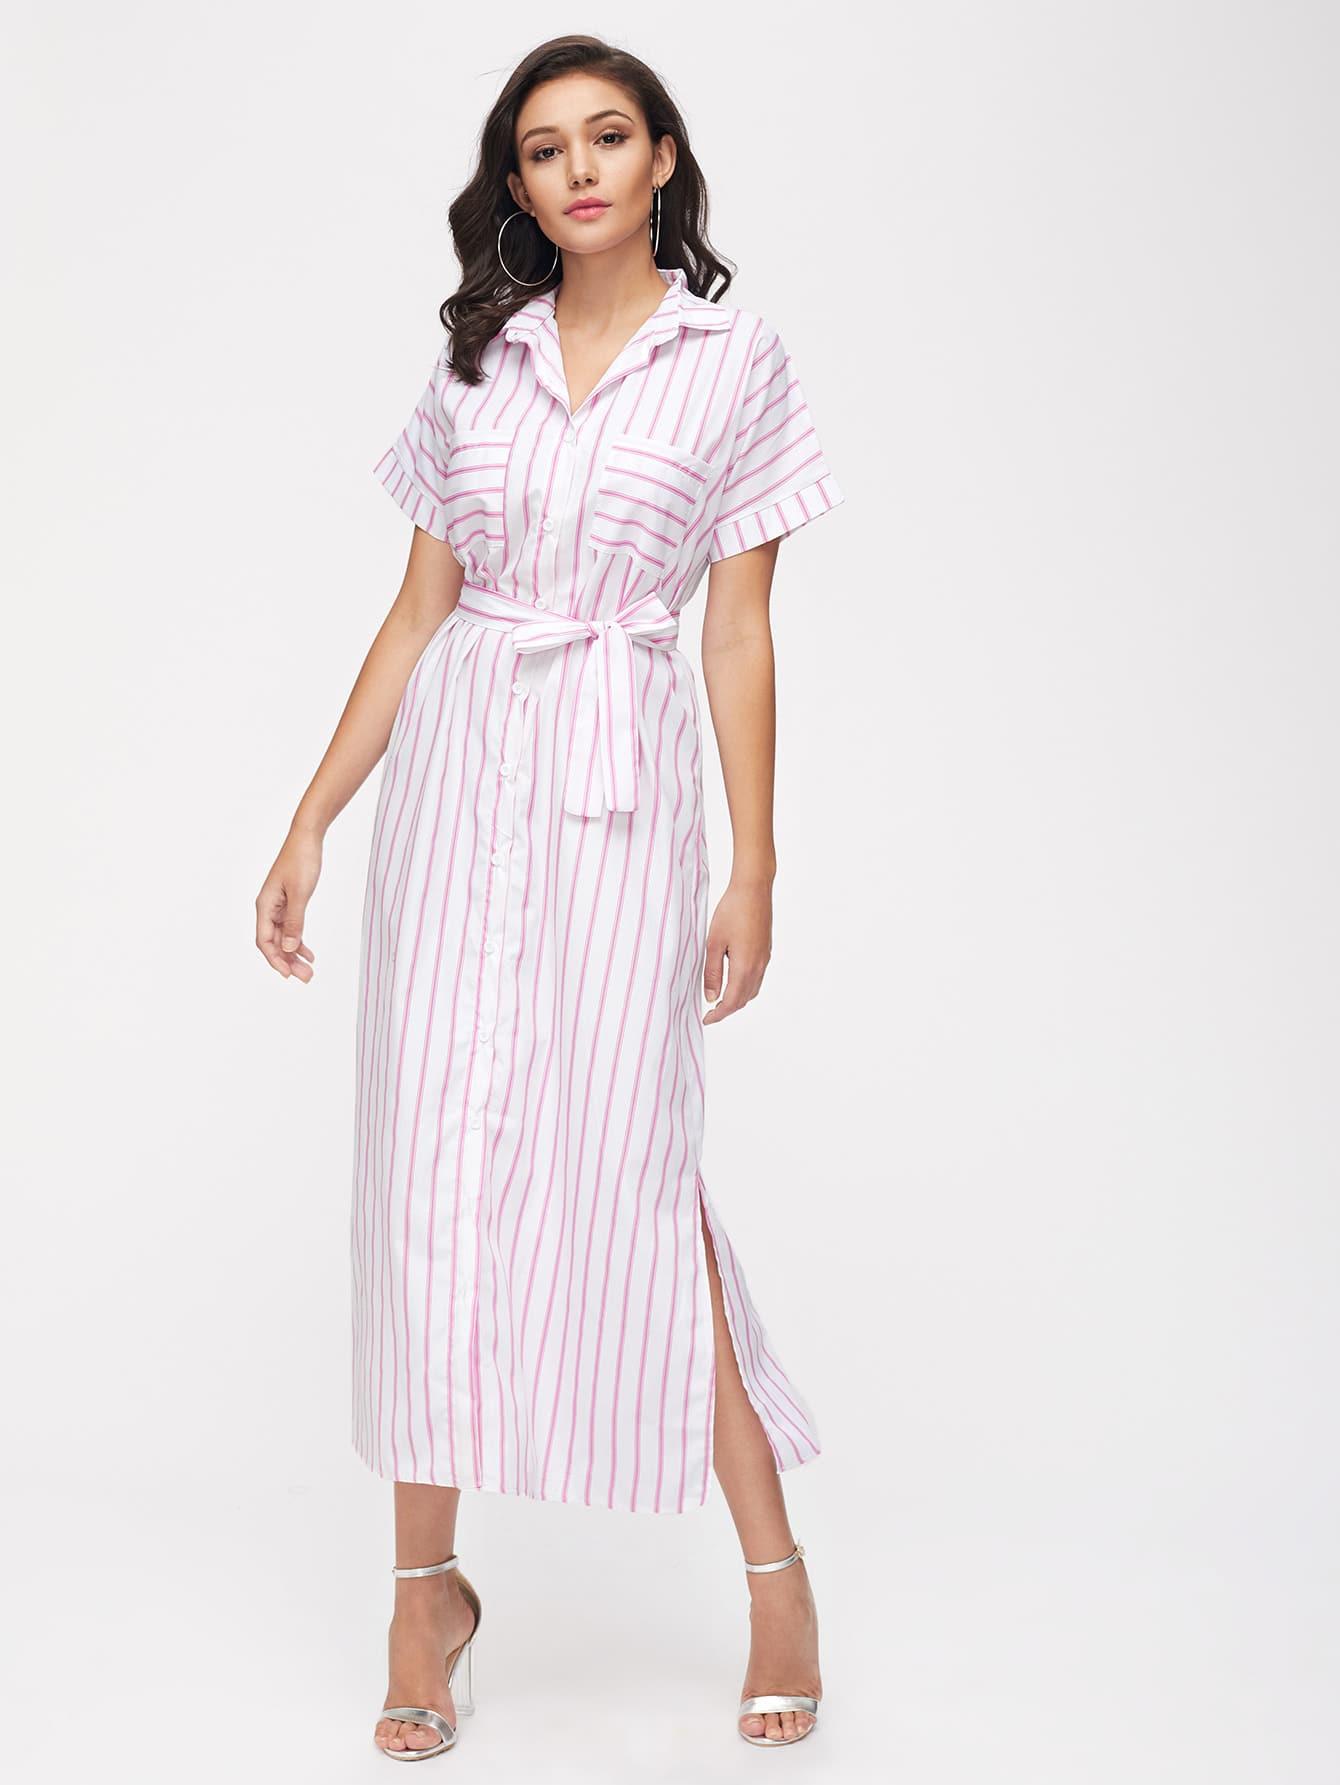 Stripe Split Side Belt Shirt Dress With Chest Pocket embroidered rose applique side split belt dress